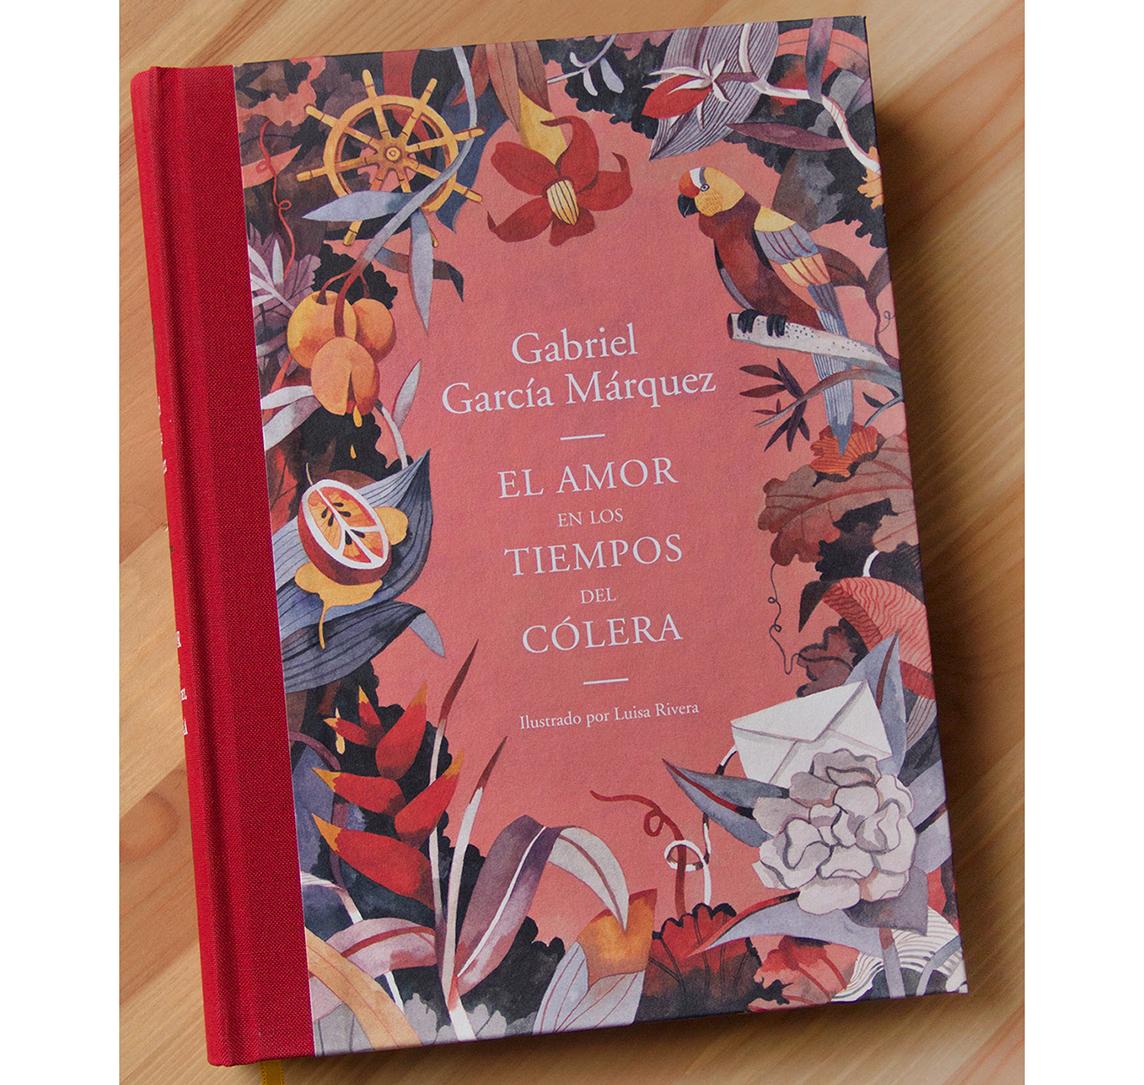 Marquez book cover design